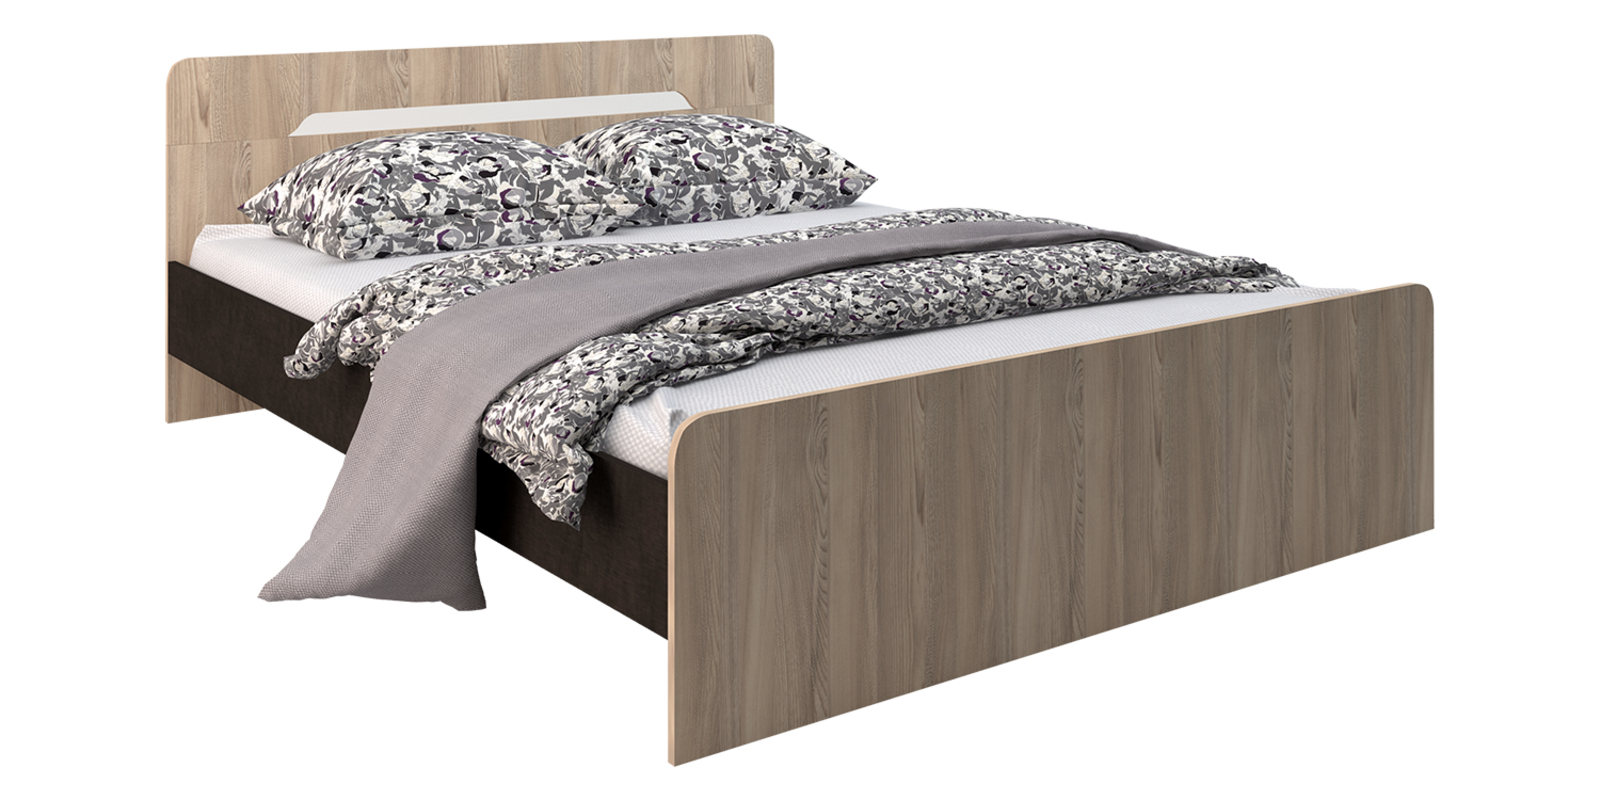 Кровать каркасная 200х160 Глория без подъемного механизма (Венге/Ясень)